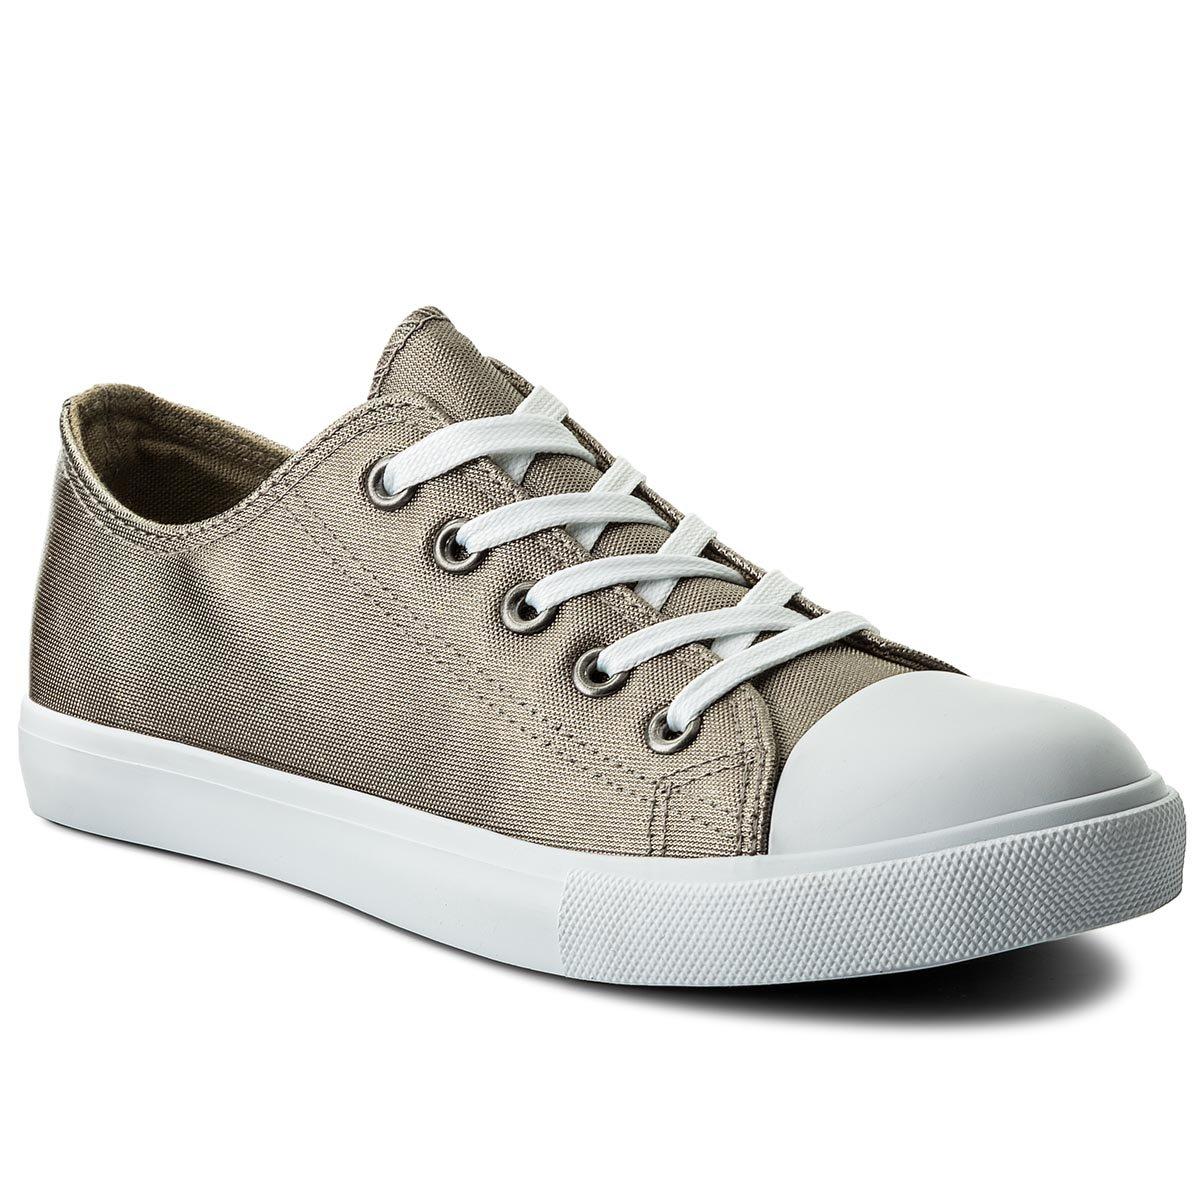 e36cdeb33588 Rekreační obuv Nylon Red WP40-CZ011 khaki Dámské - Boty - Plátěnky -  https   ccc.eu